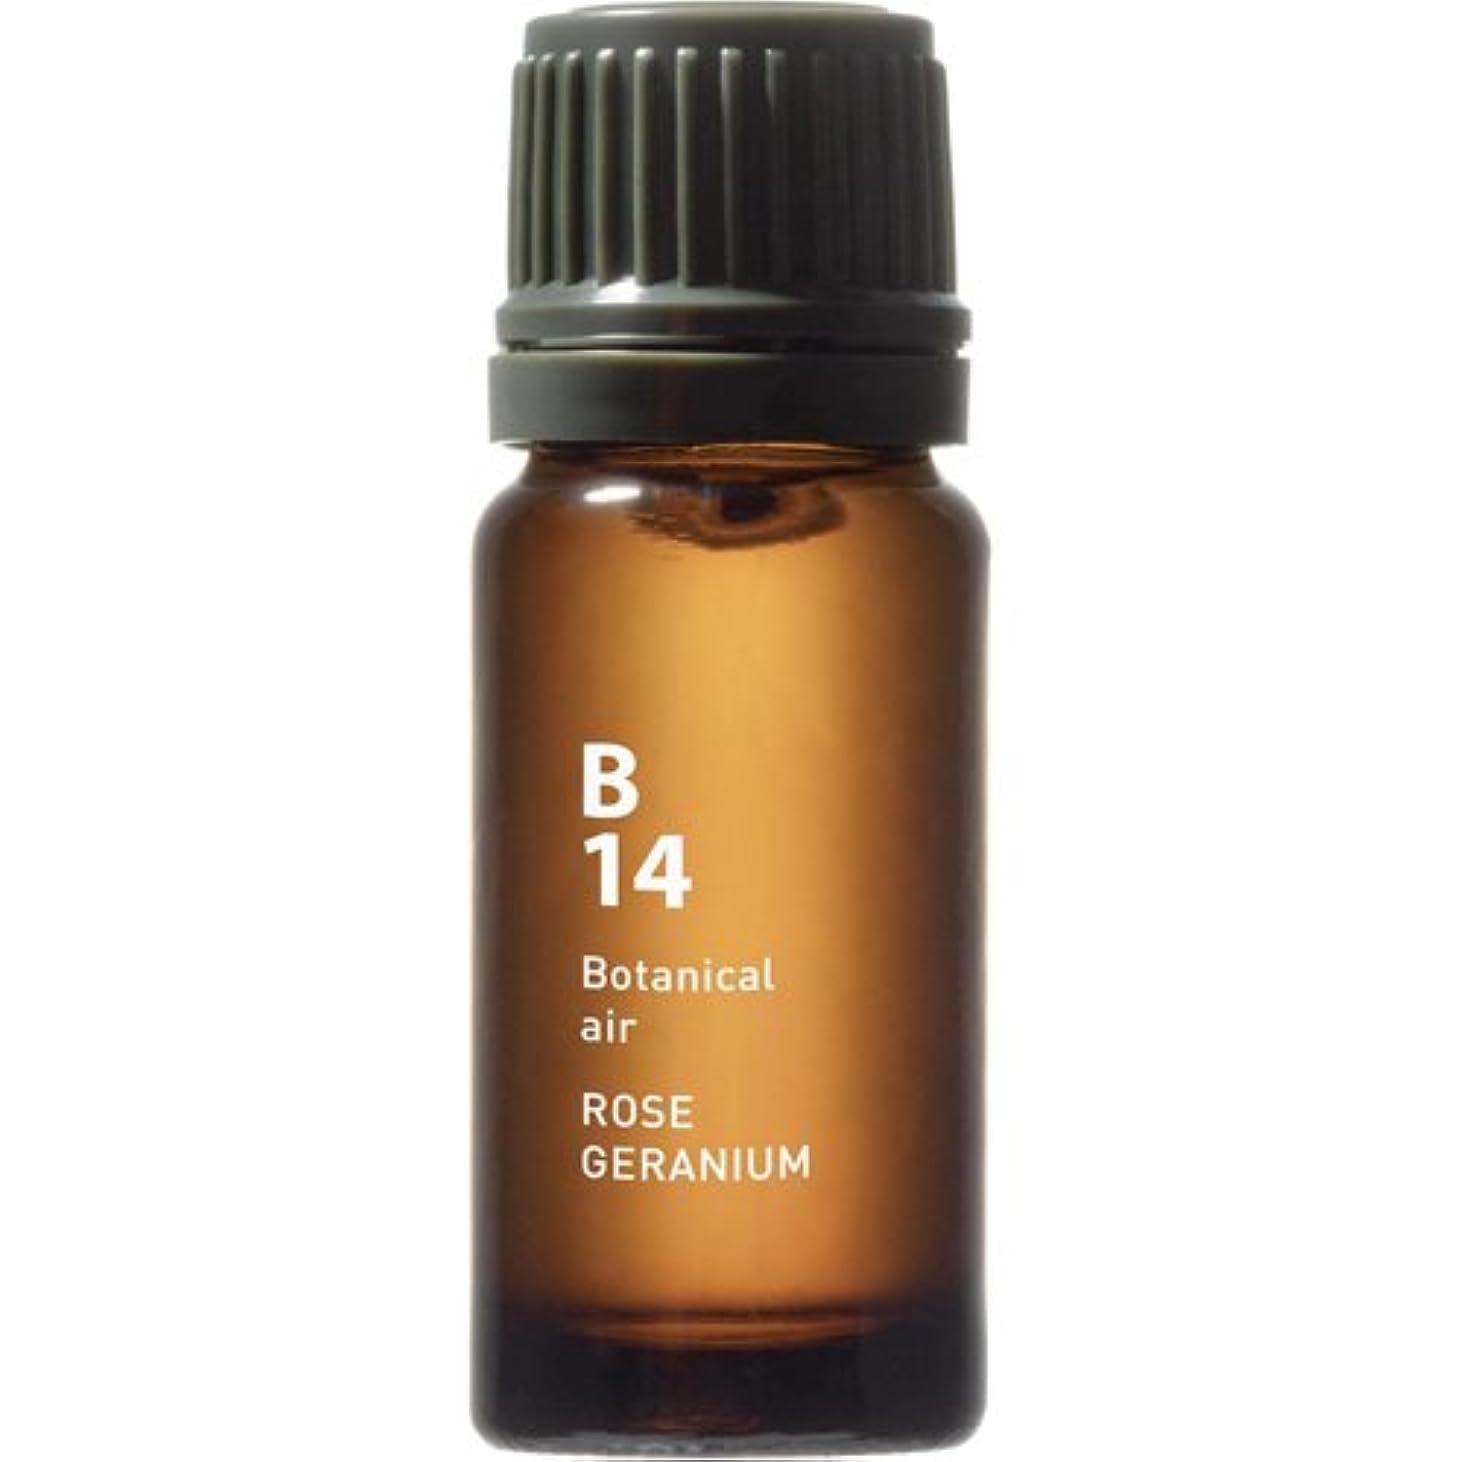 辛な蓄積する相互B14 ローズゼラニウム Botanical air(ボタニカルエアー) 10ml